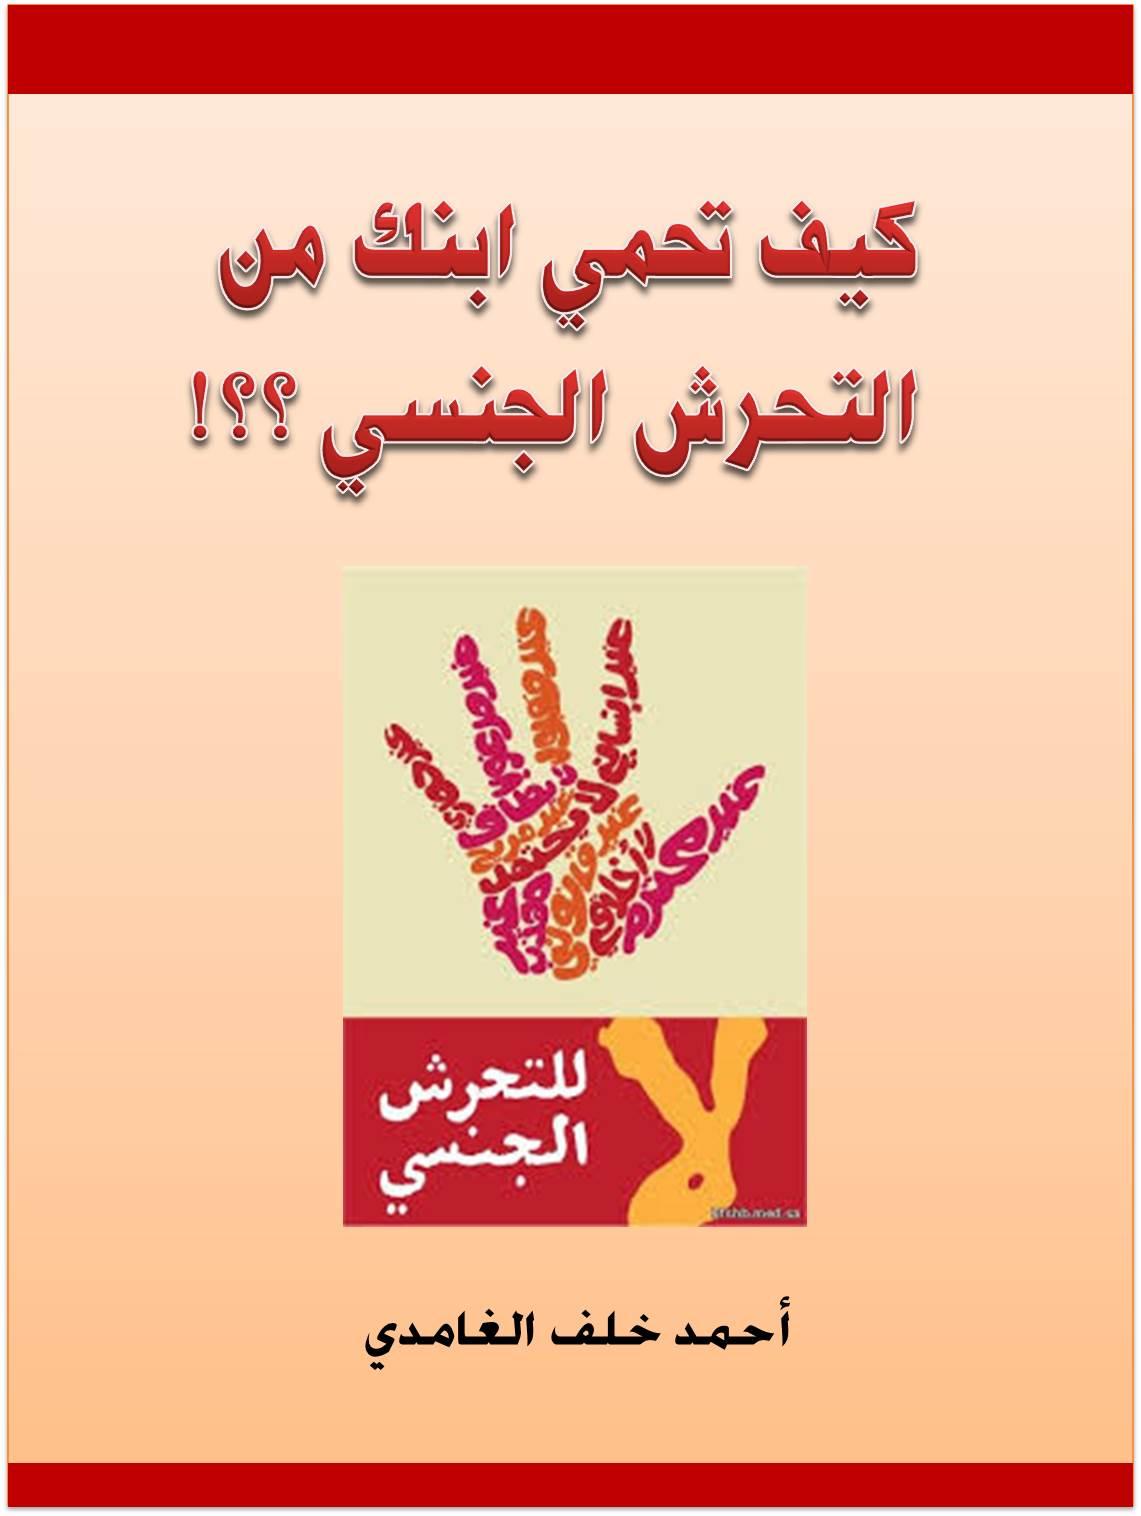 تحميل كتاب كيف تحمي ابنك من التحرش الجنسي ل أحمد خلف الغامدي مجانا pdf | مكتبة تحميل كتب pdf